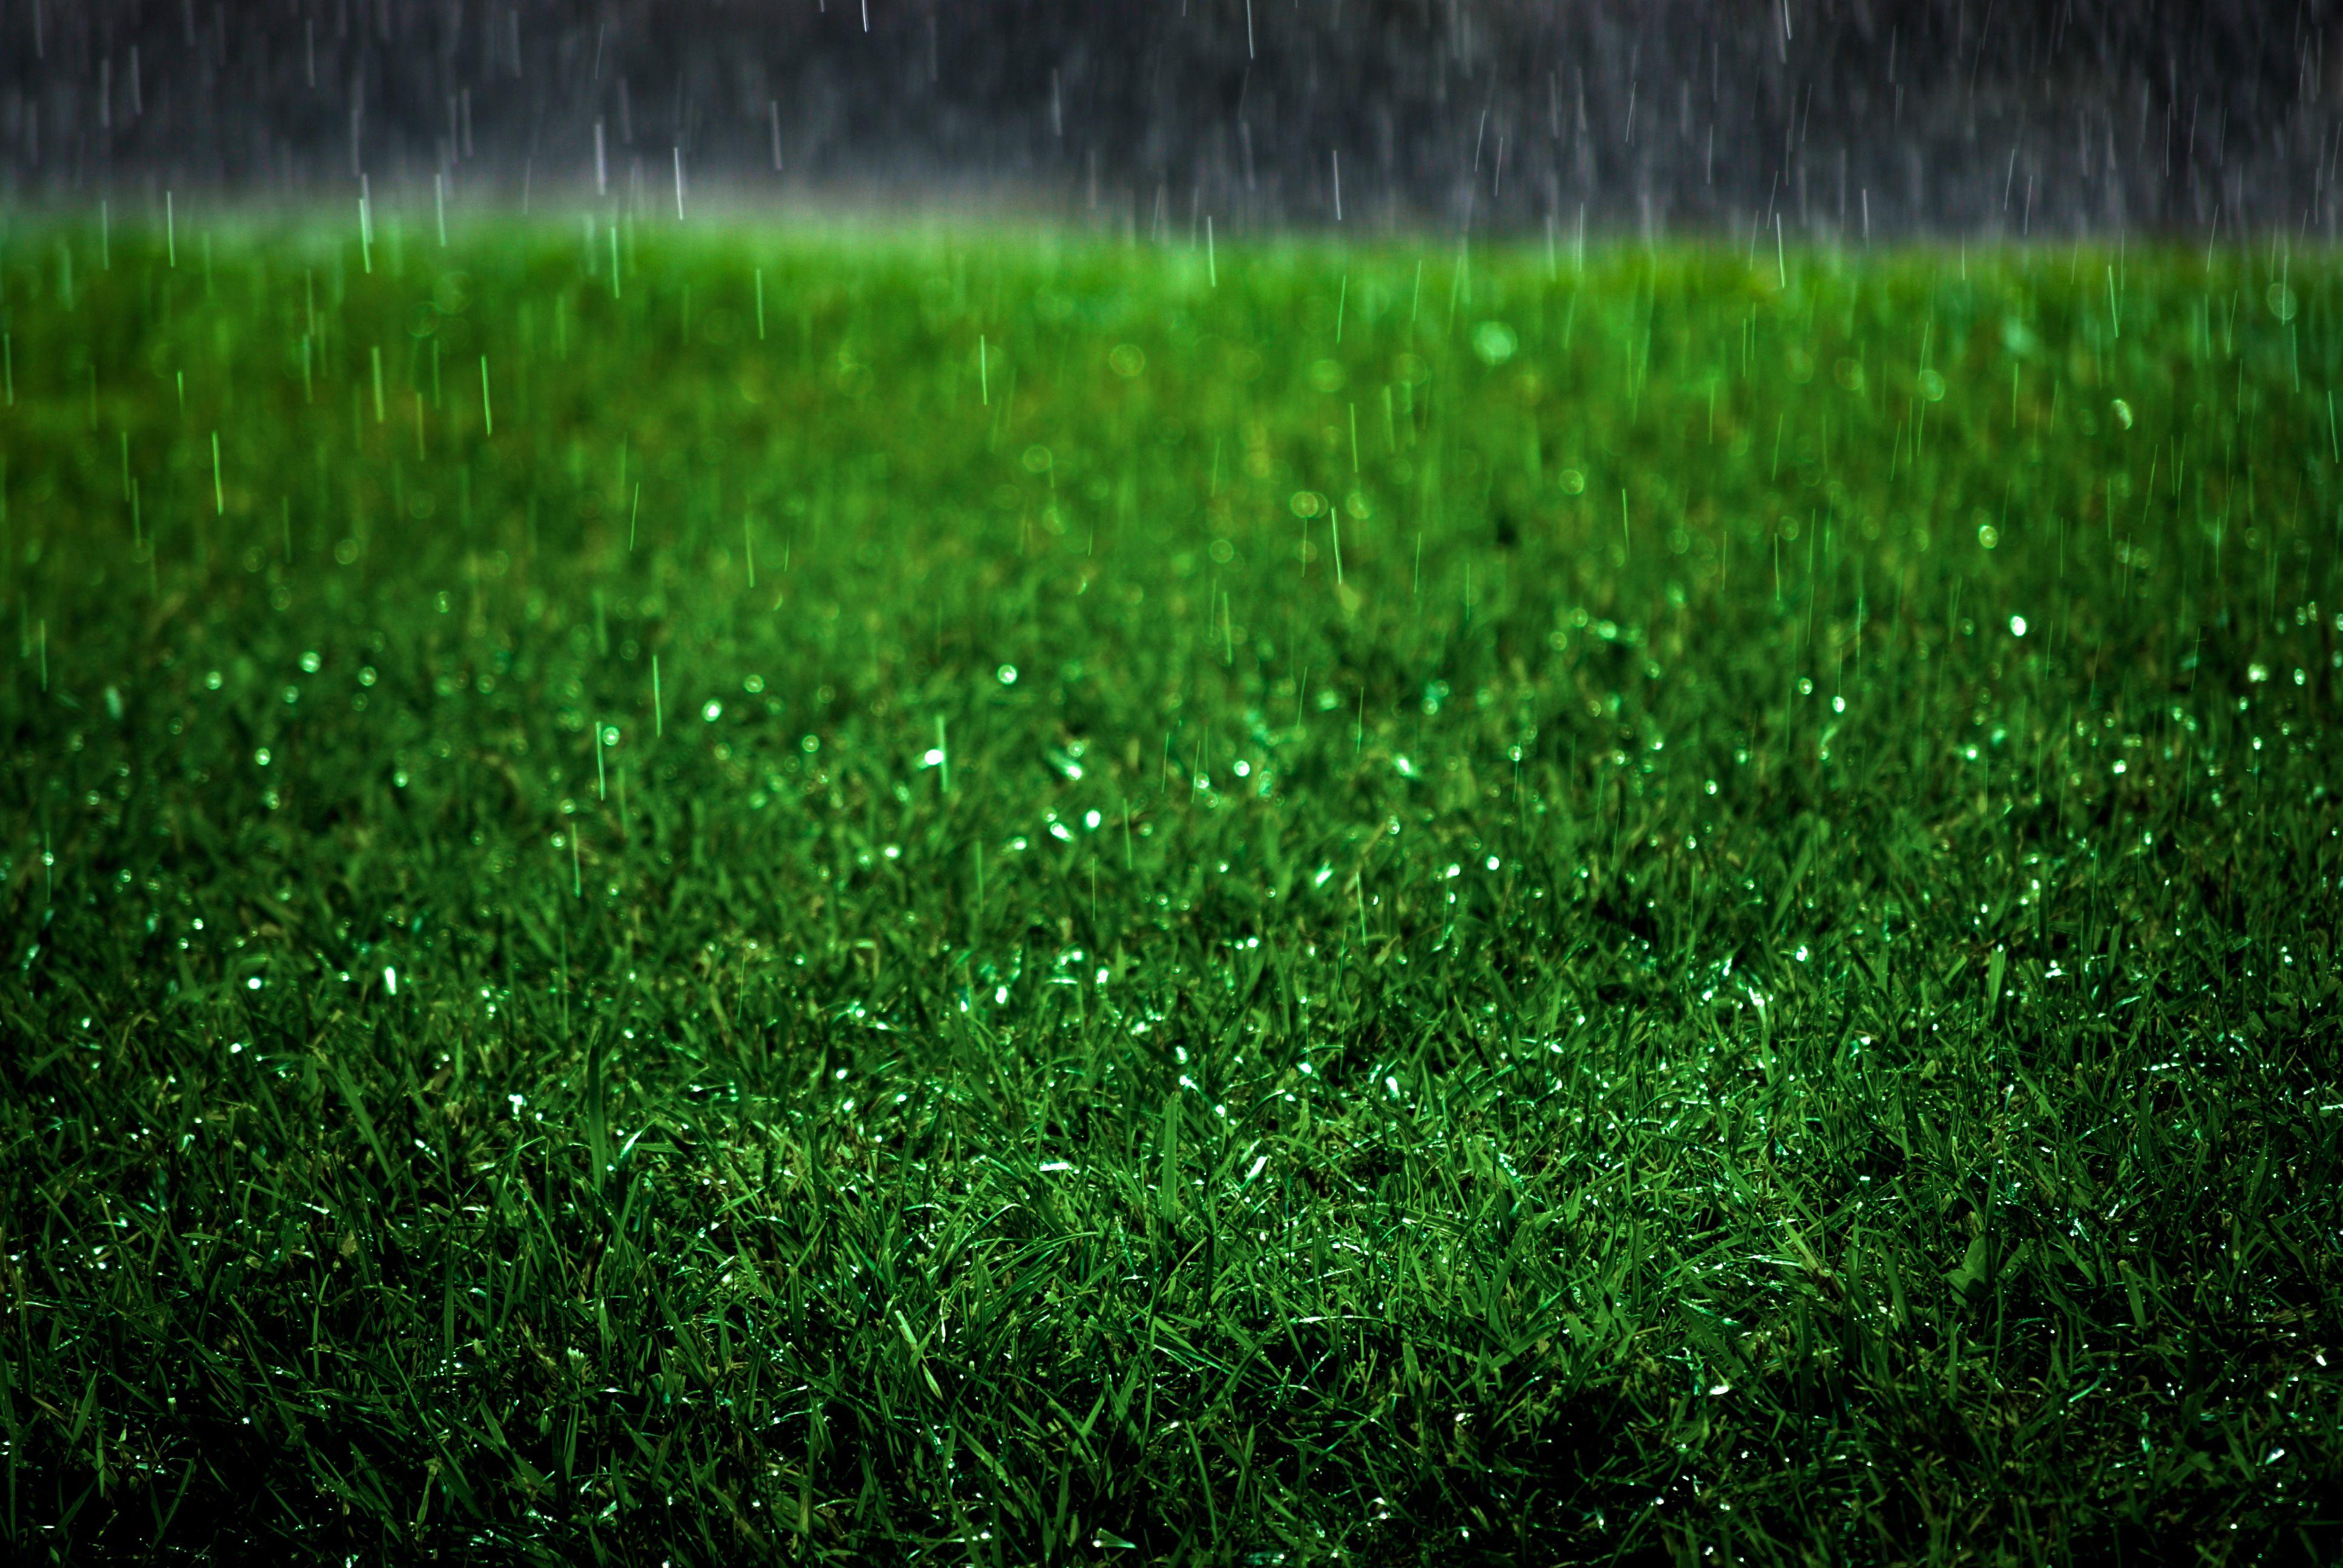 Raining on a lawn